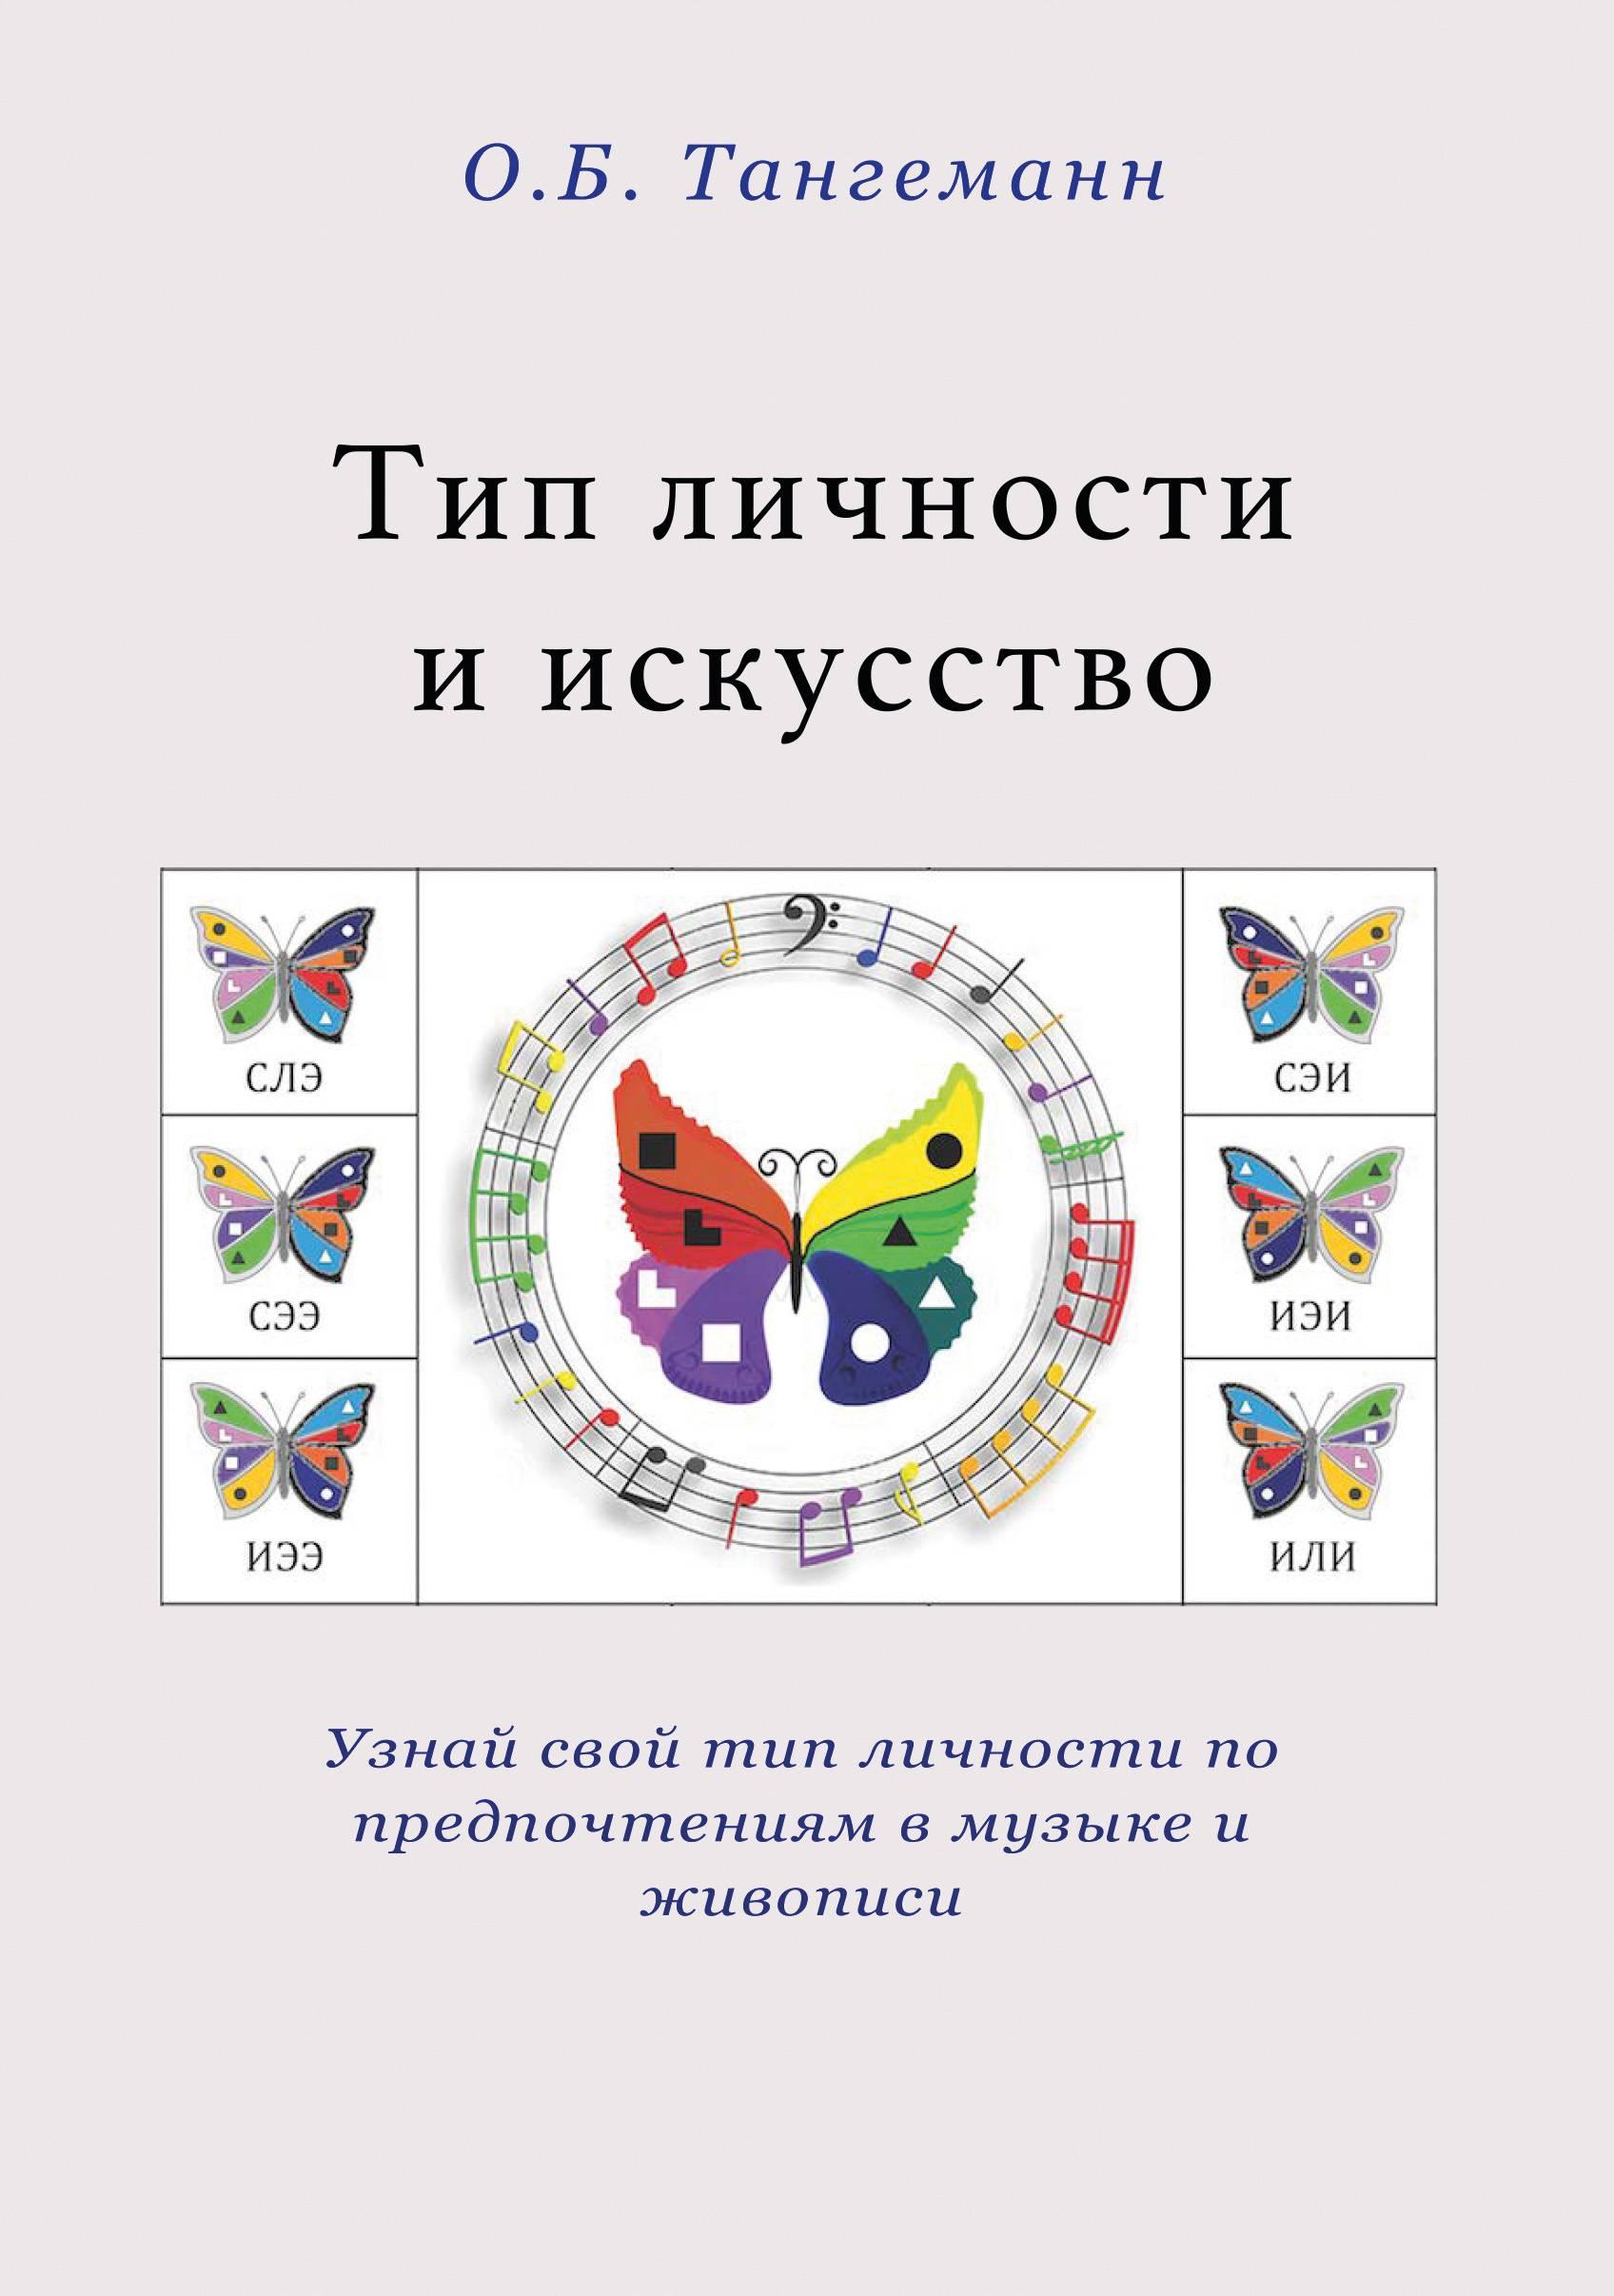 Как психоэмоциональное развитие ребёнка влияет на его интеллектуальное развитие?